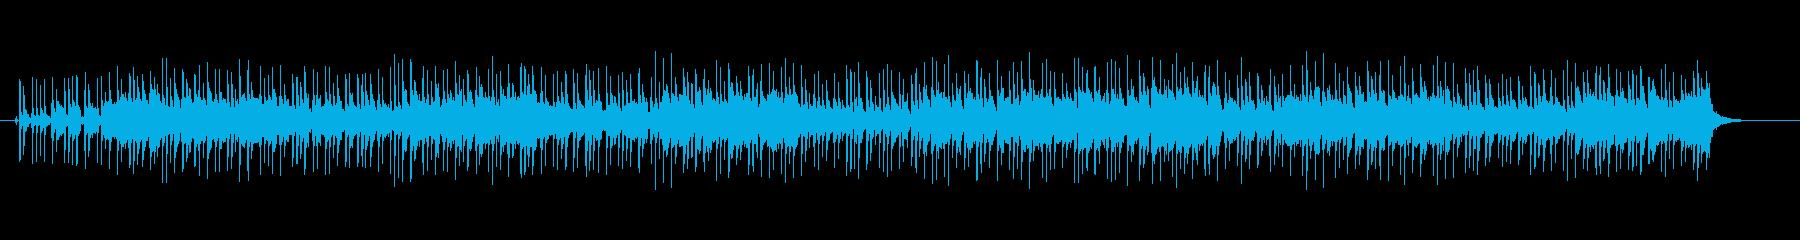 テンポのある明るいフュージョンの再生済みの波形